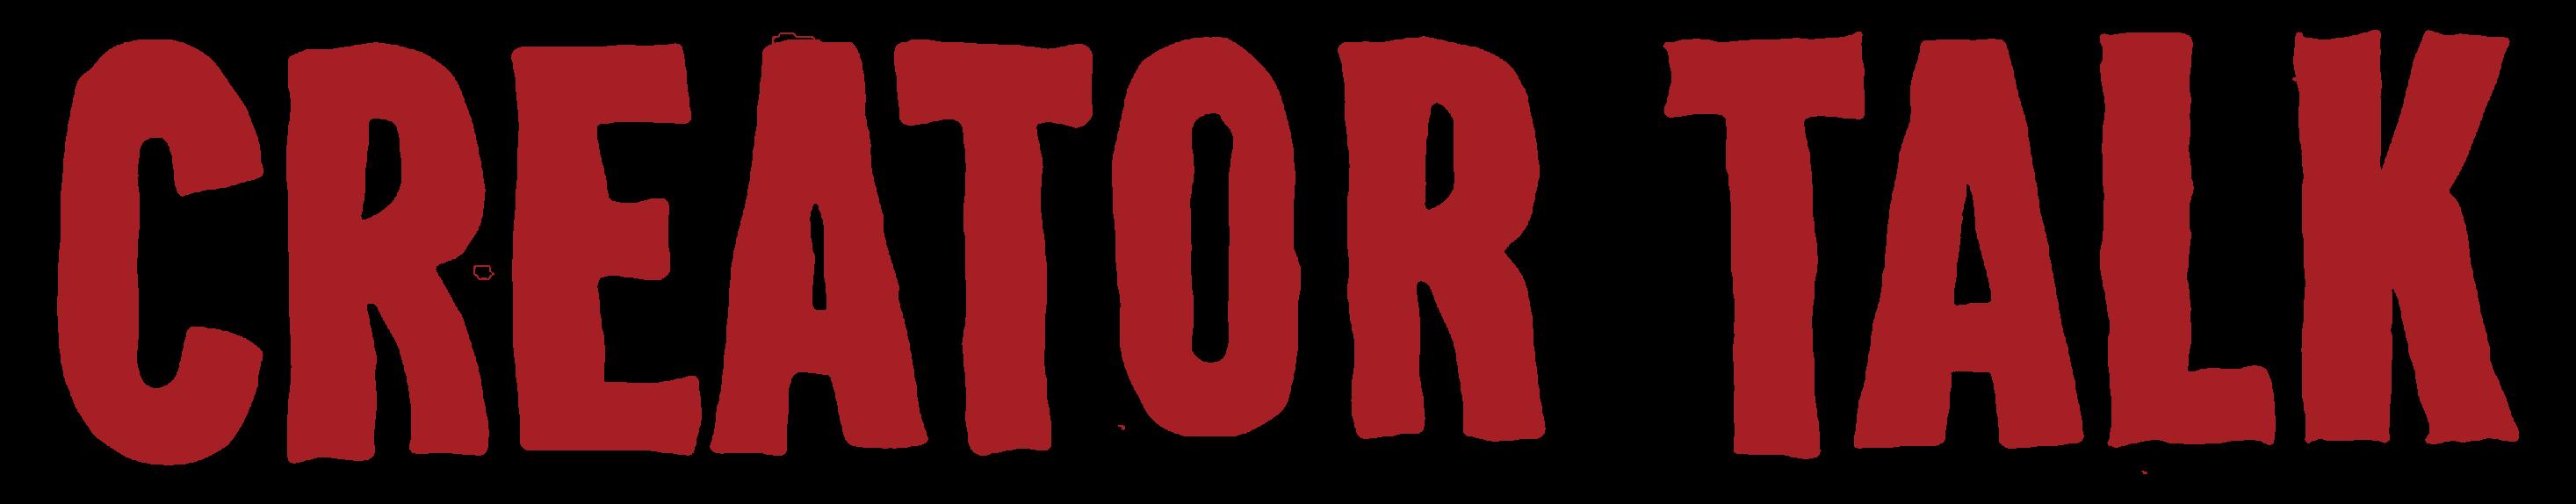 Rec_CreatorTalk (1)